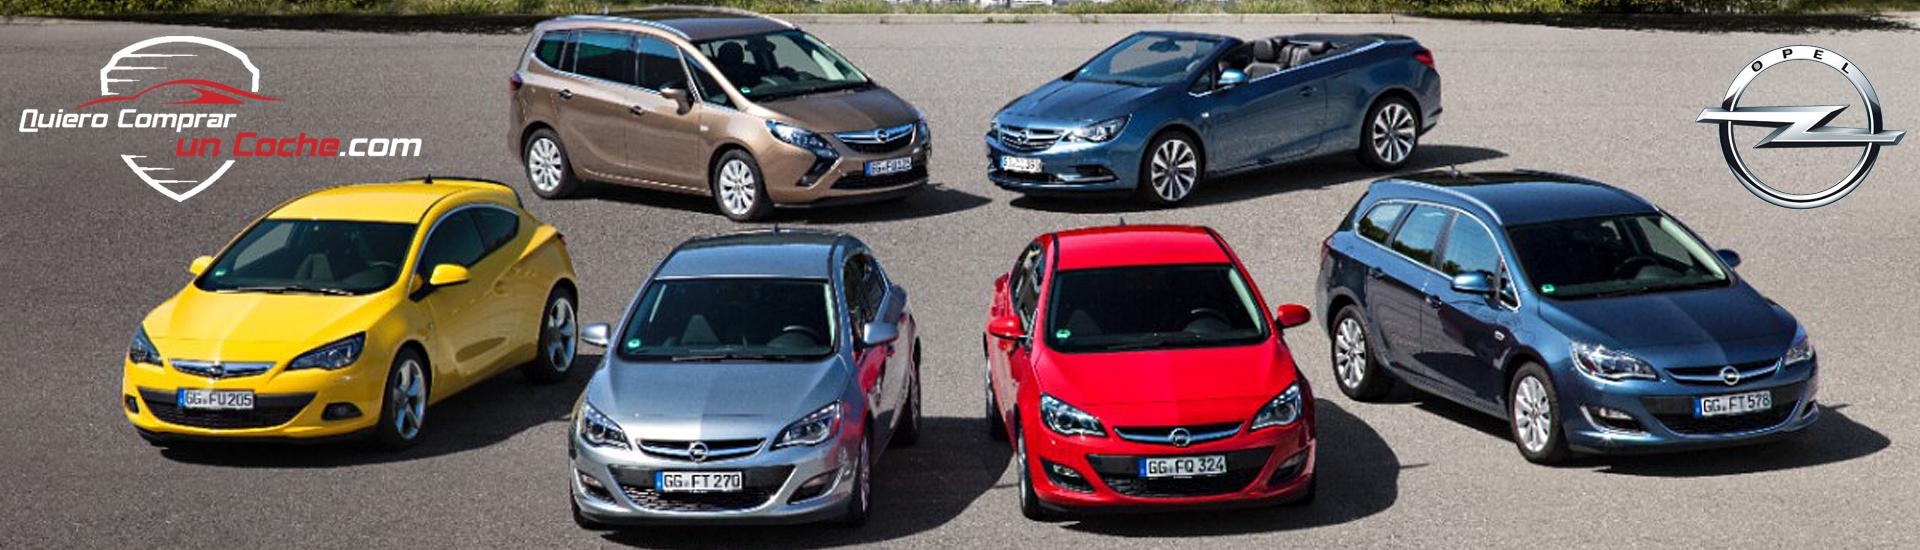 Opel Madrid Quiero Comprar un Coche Nuevo Km0 Seminuevo Ajalvir Torrejon